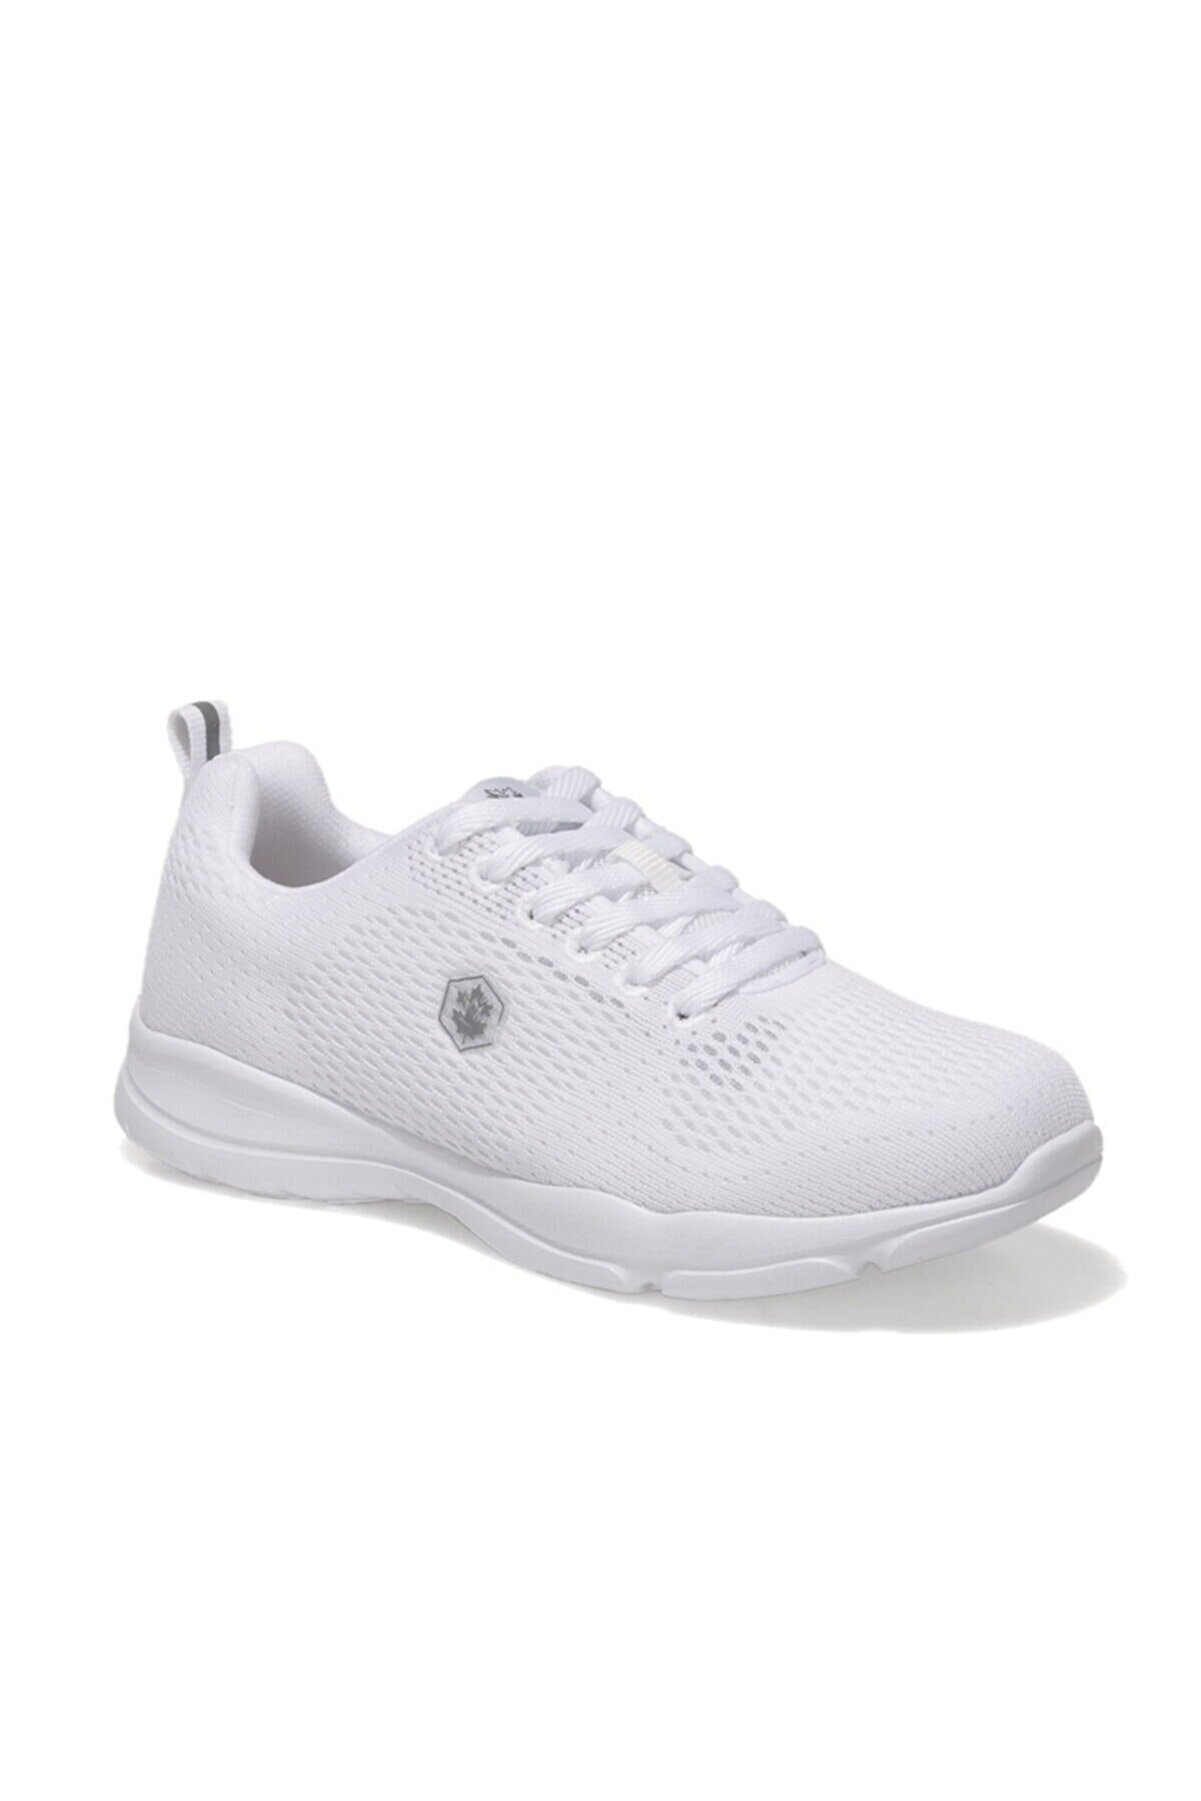 Lumberjack Agatha Kadın Beyaz Spor Ayakkabı (100781575)